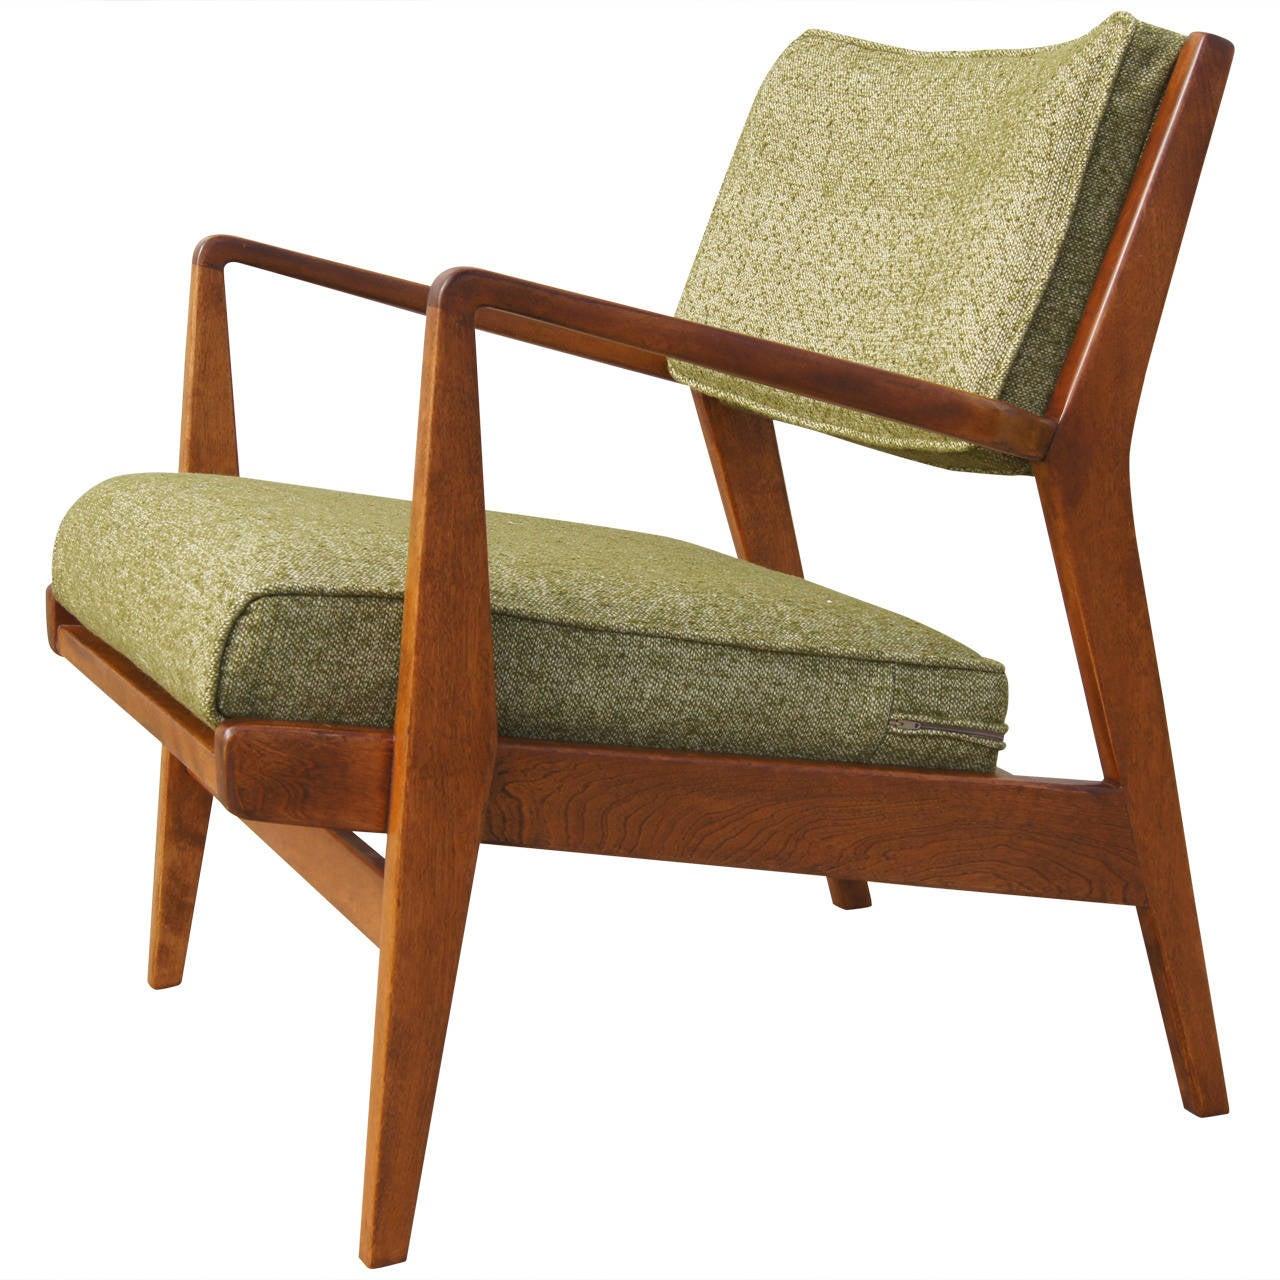 Ordinaire Low Armchair, Model U 430, In Walnut By Jens Risom For Sale